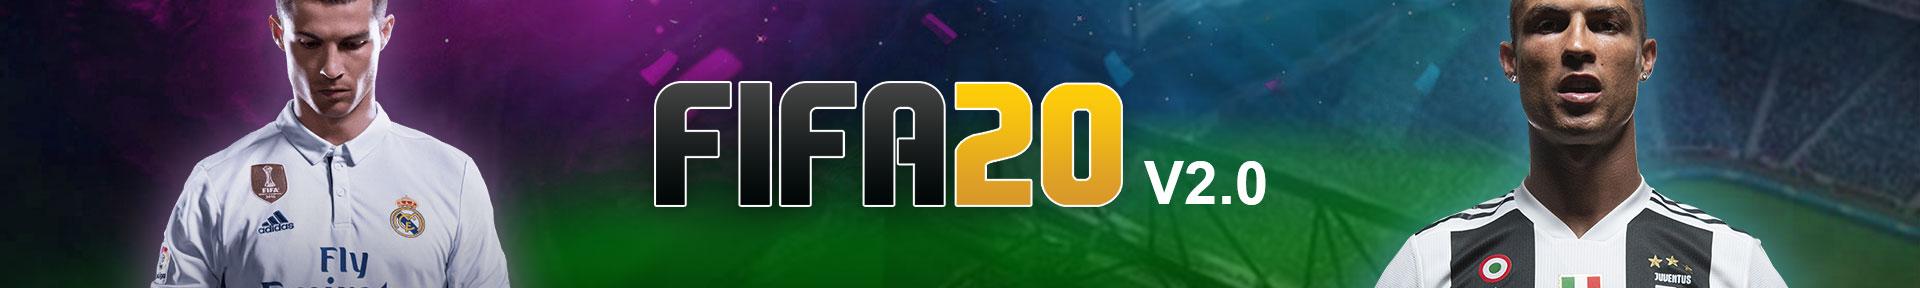 FIFA 20 Comfort Trade V2.0